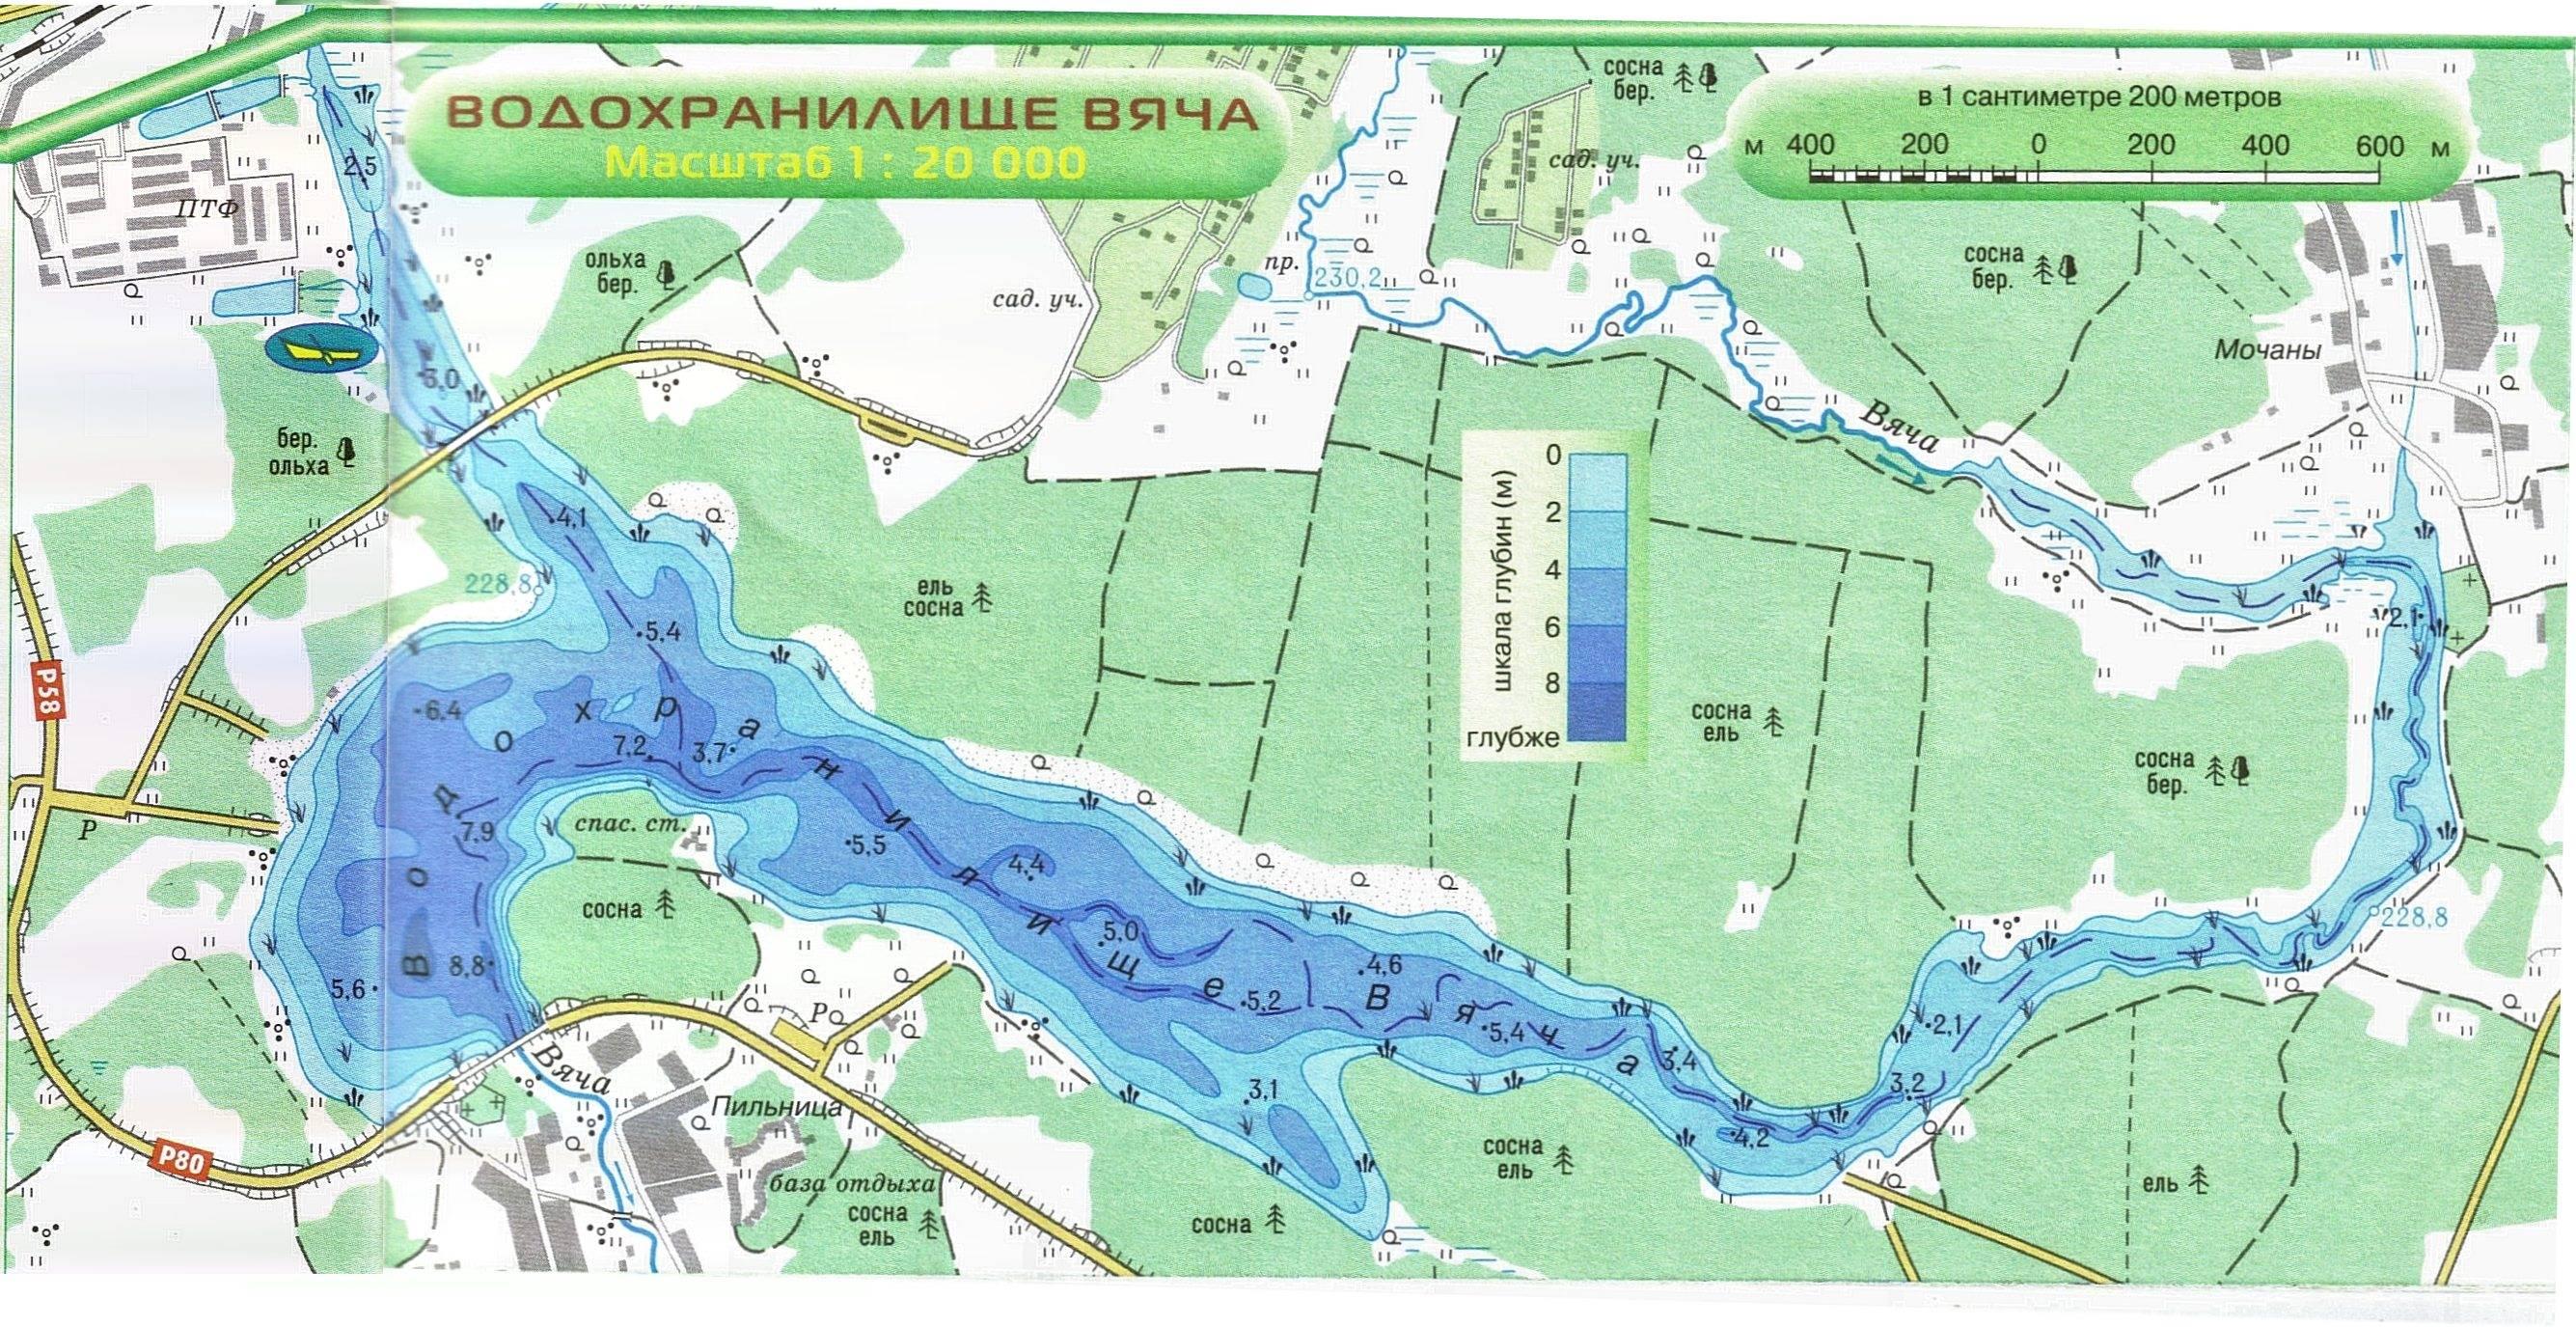 Минское море (заславское водохранилище) — фото, отдых, цены, как добраться — плейсмент